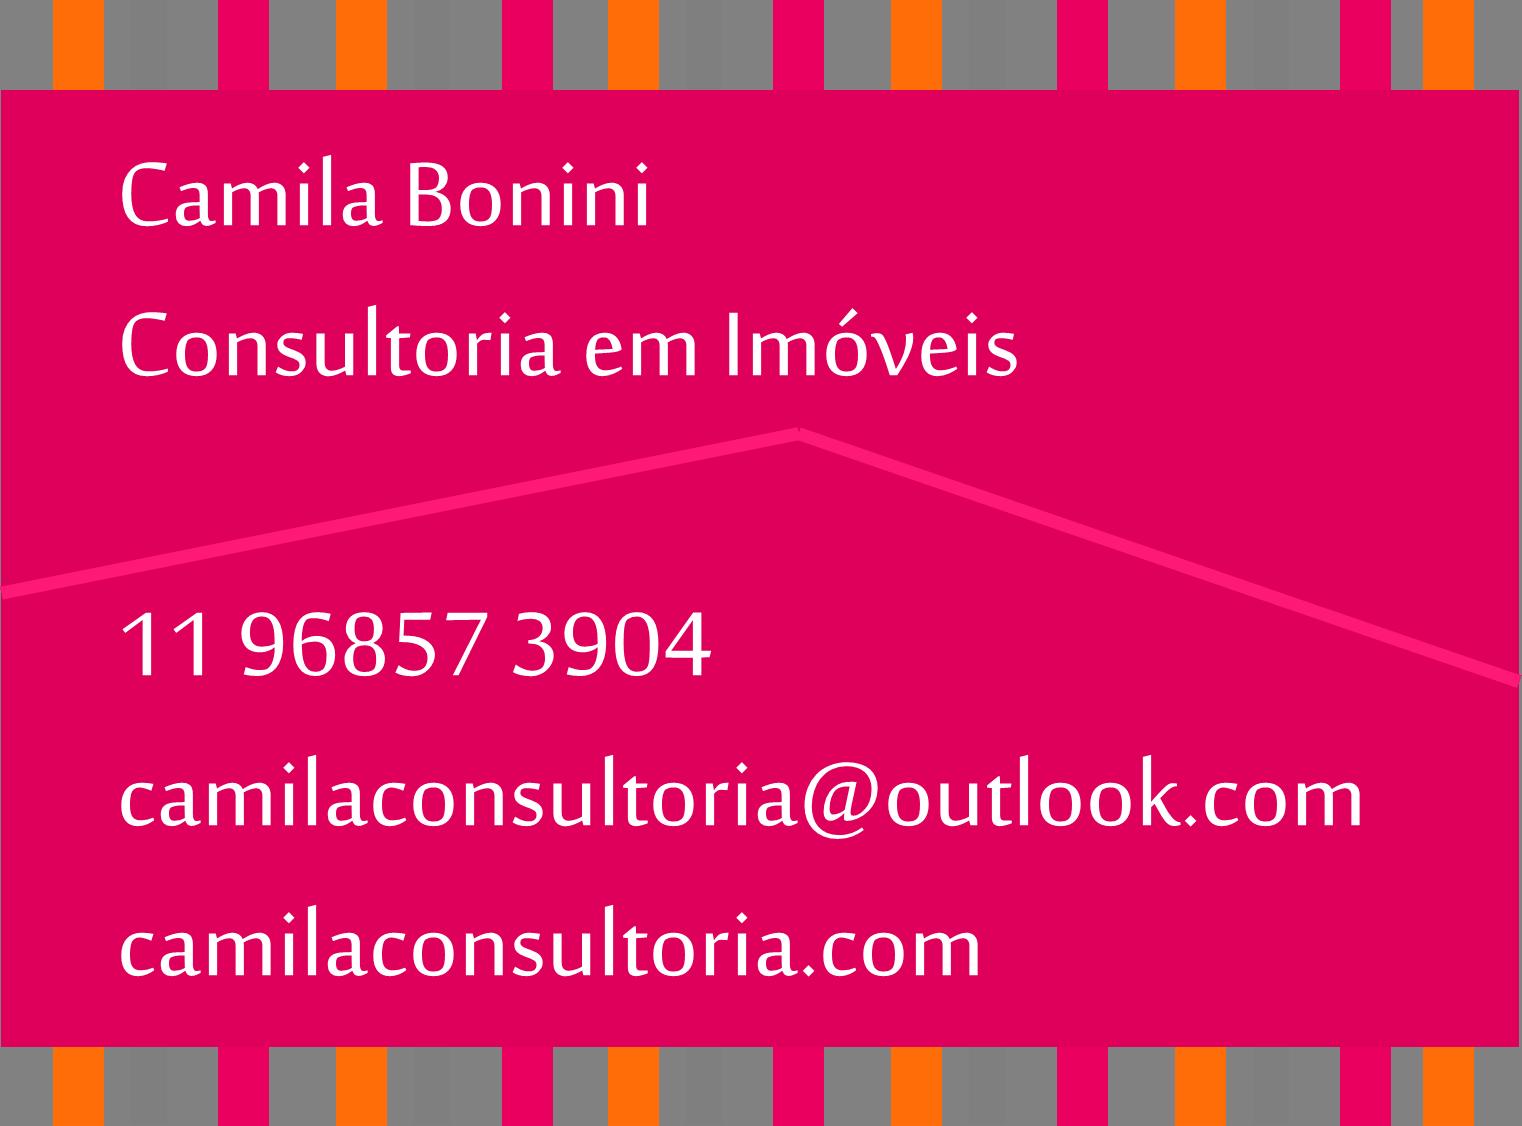 Camila Bonini